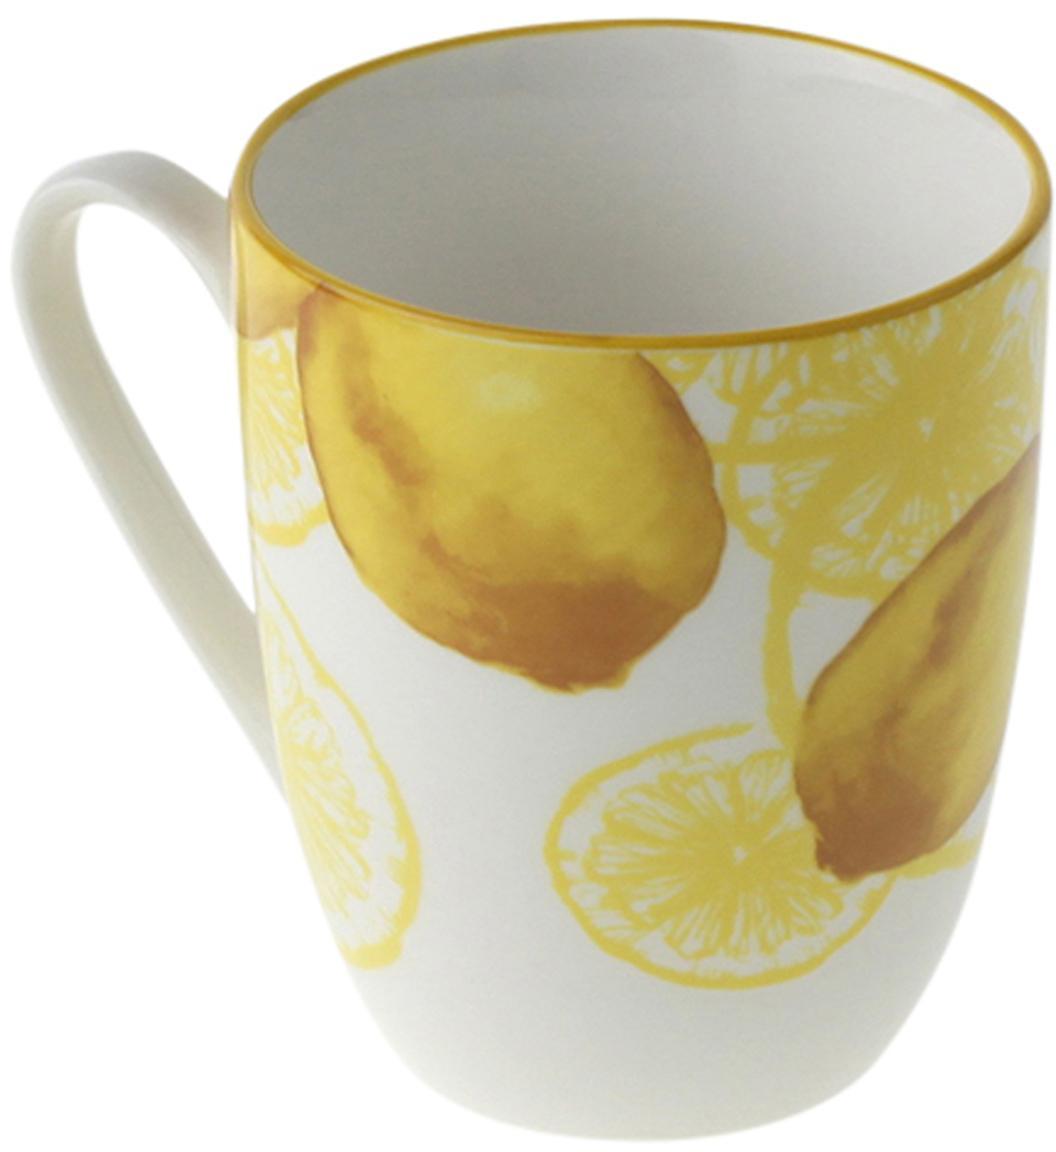 Tassen Lemon mit Zitronen-Motiv, 2 Stück, Porzellan, Weiß, Gelb, Ø 9 x H 10 cm